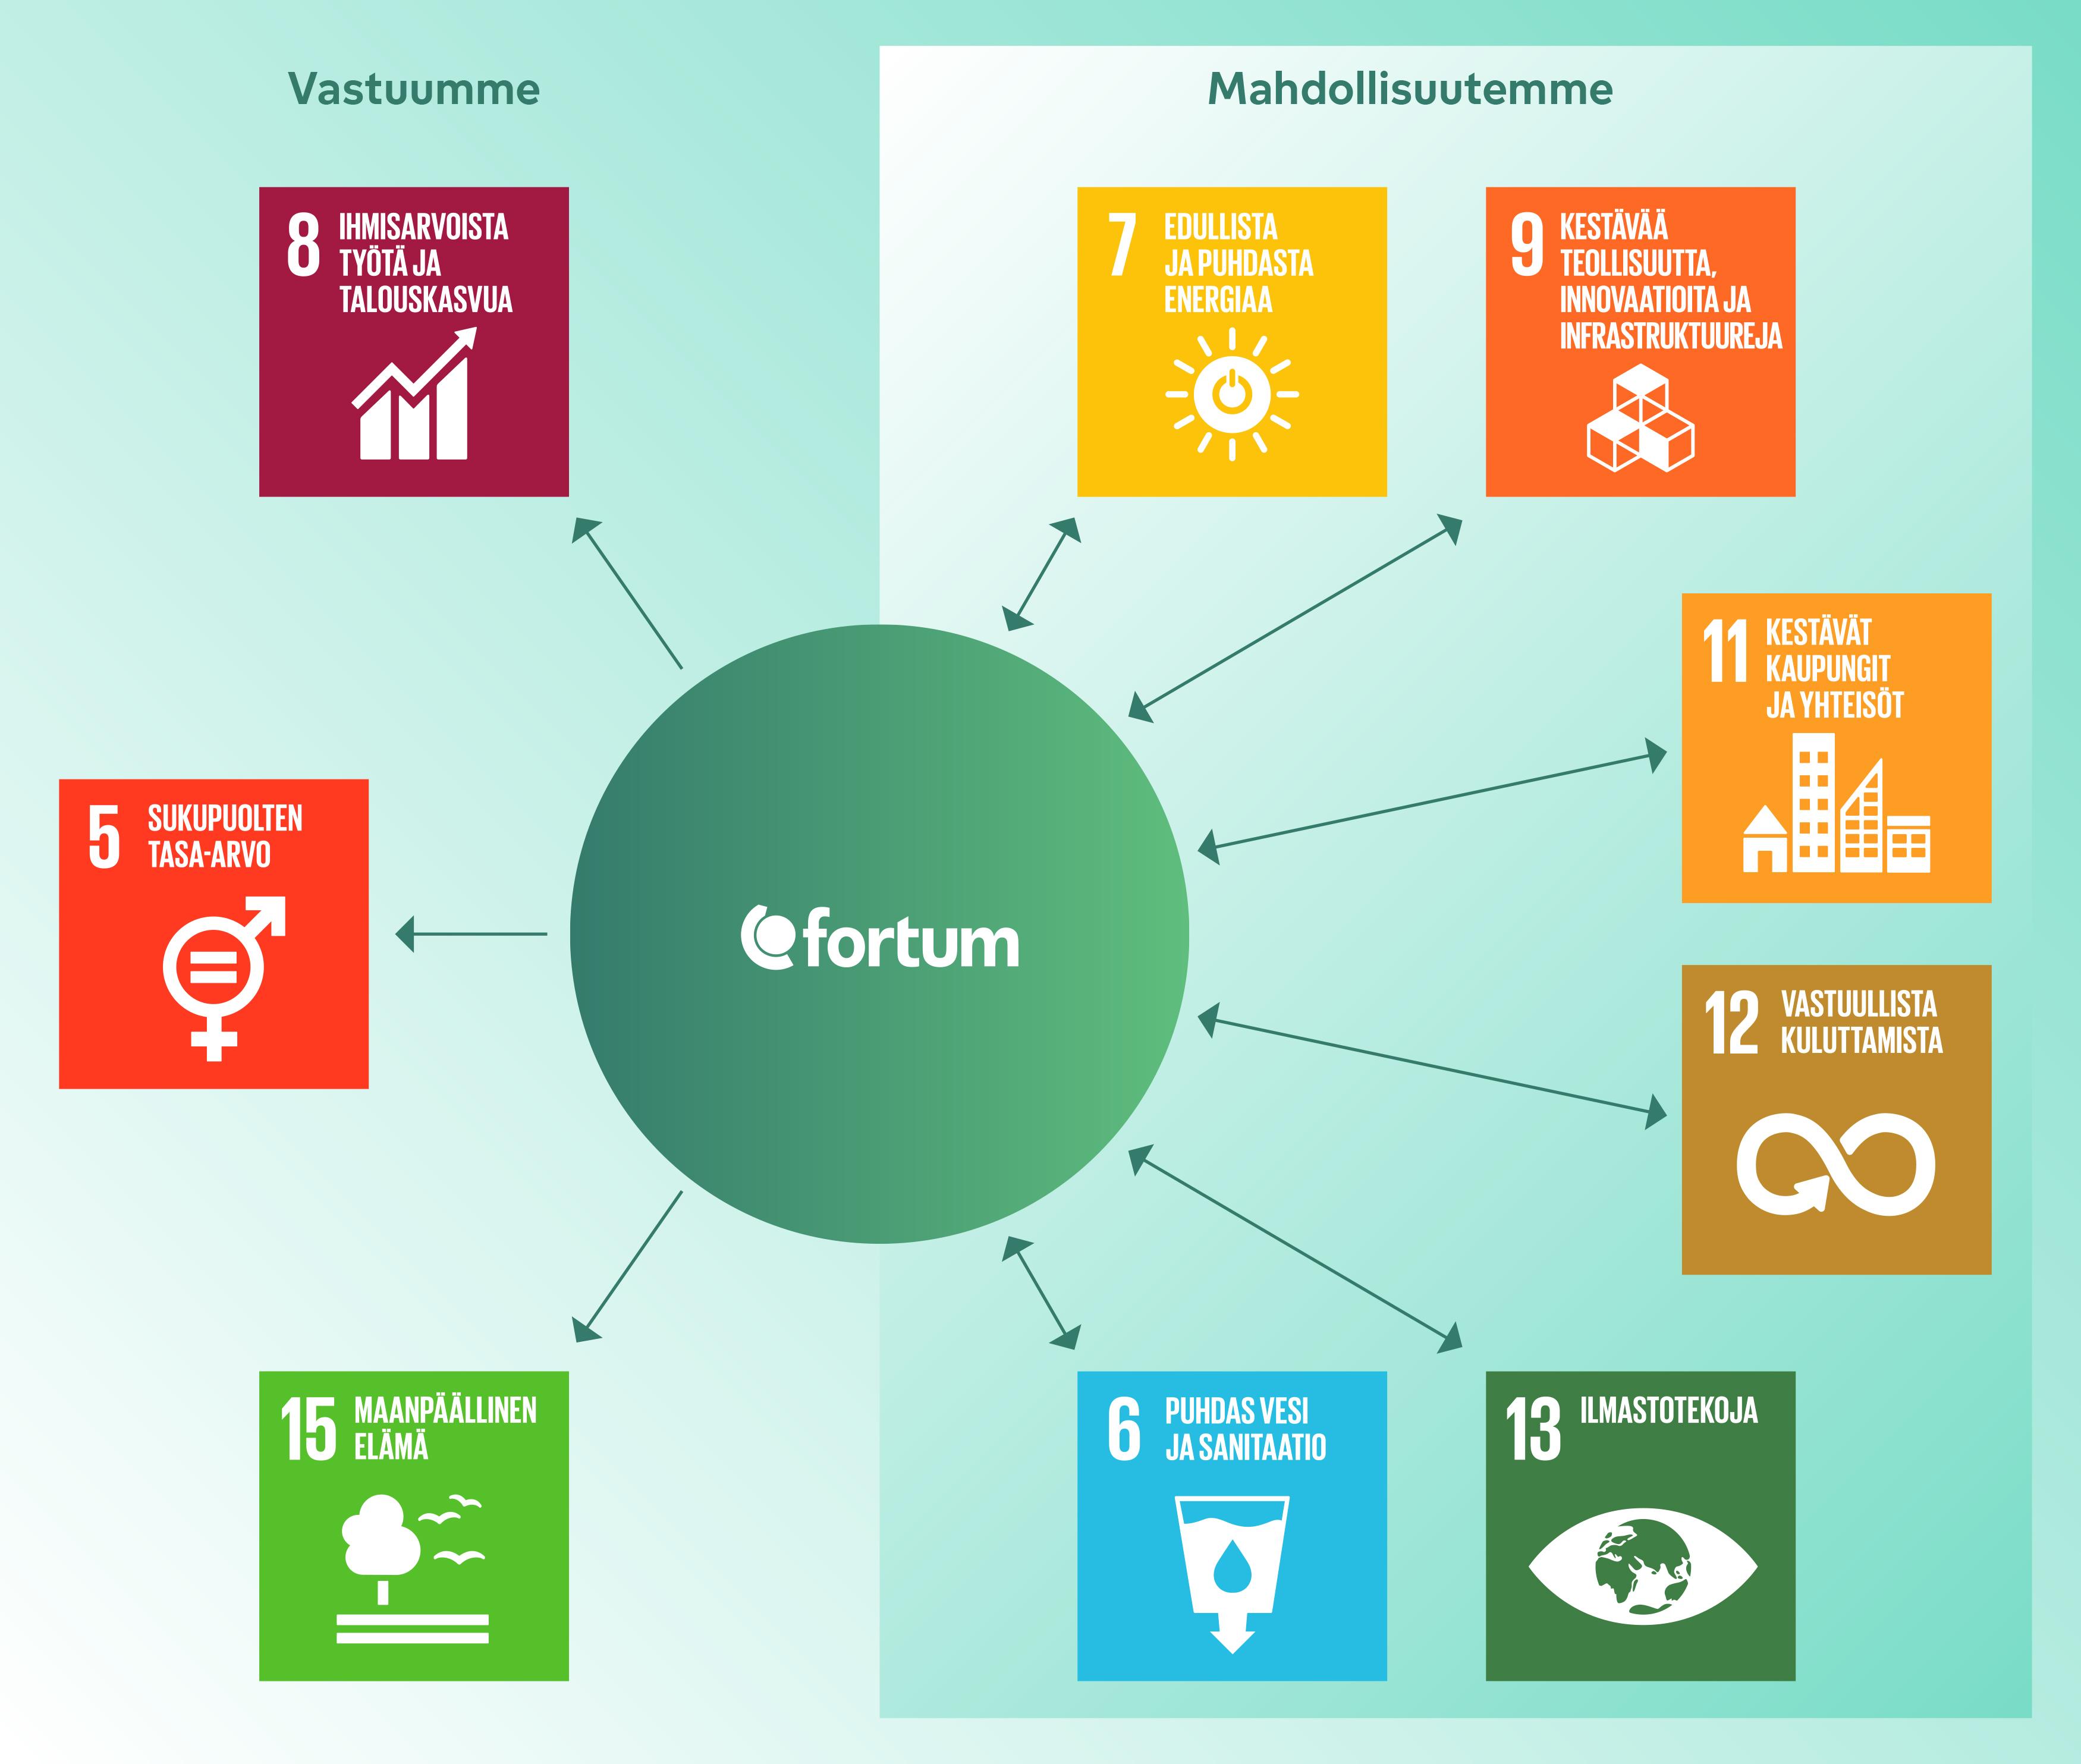 Vaikutukset kestävän kehityksen tavoitteisiin